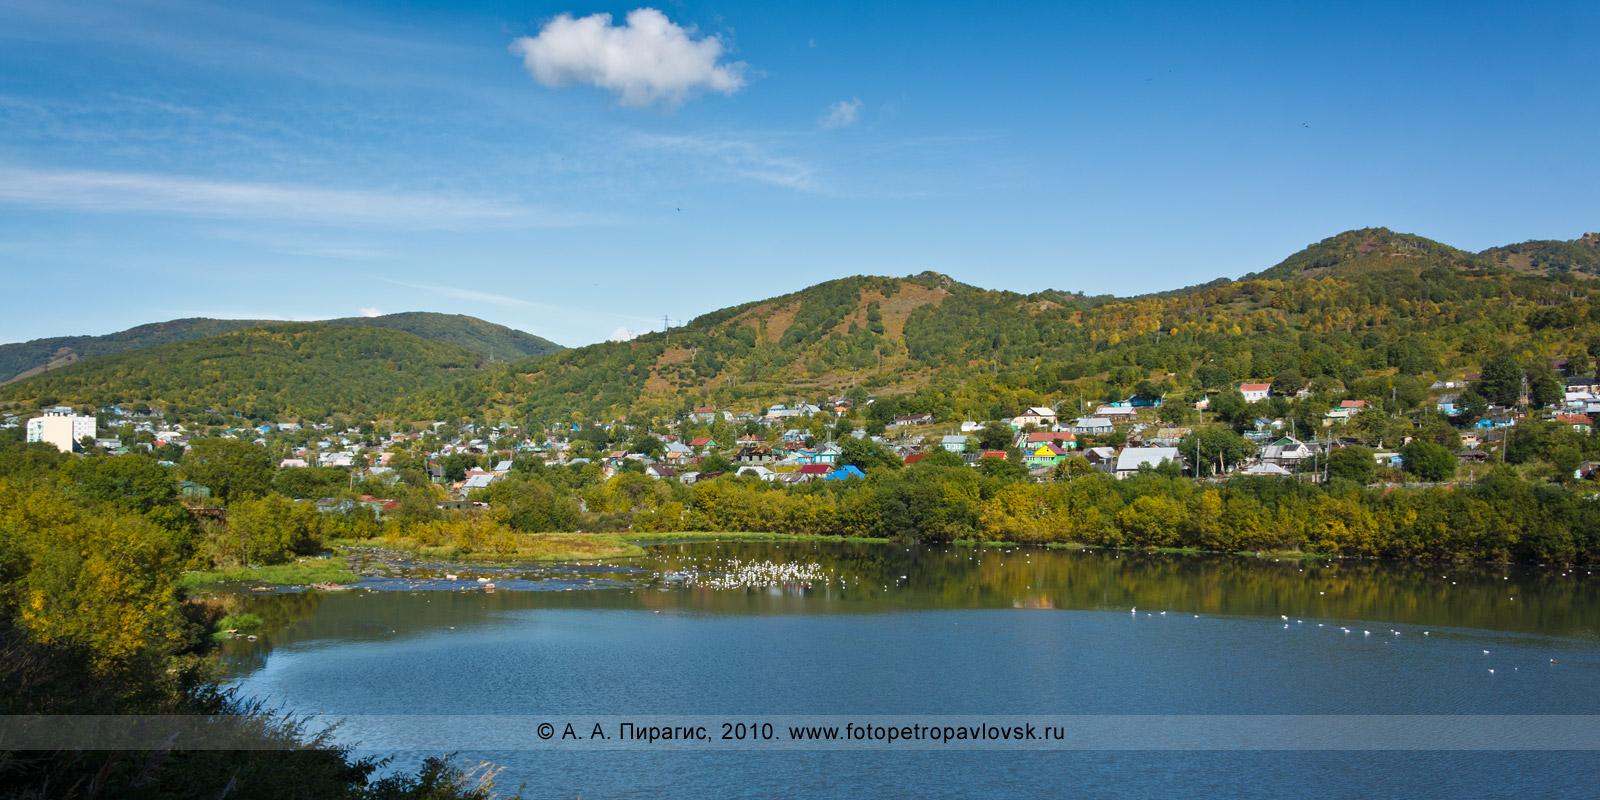 """Фотография: район """"Копай"""" в городе Петропавловске-Камчатском. На переднем плане — одно из запрудных озер бухты Бабьей"""